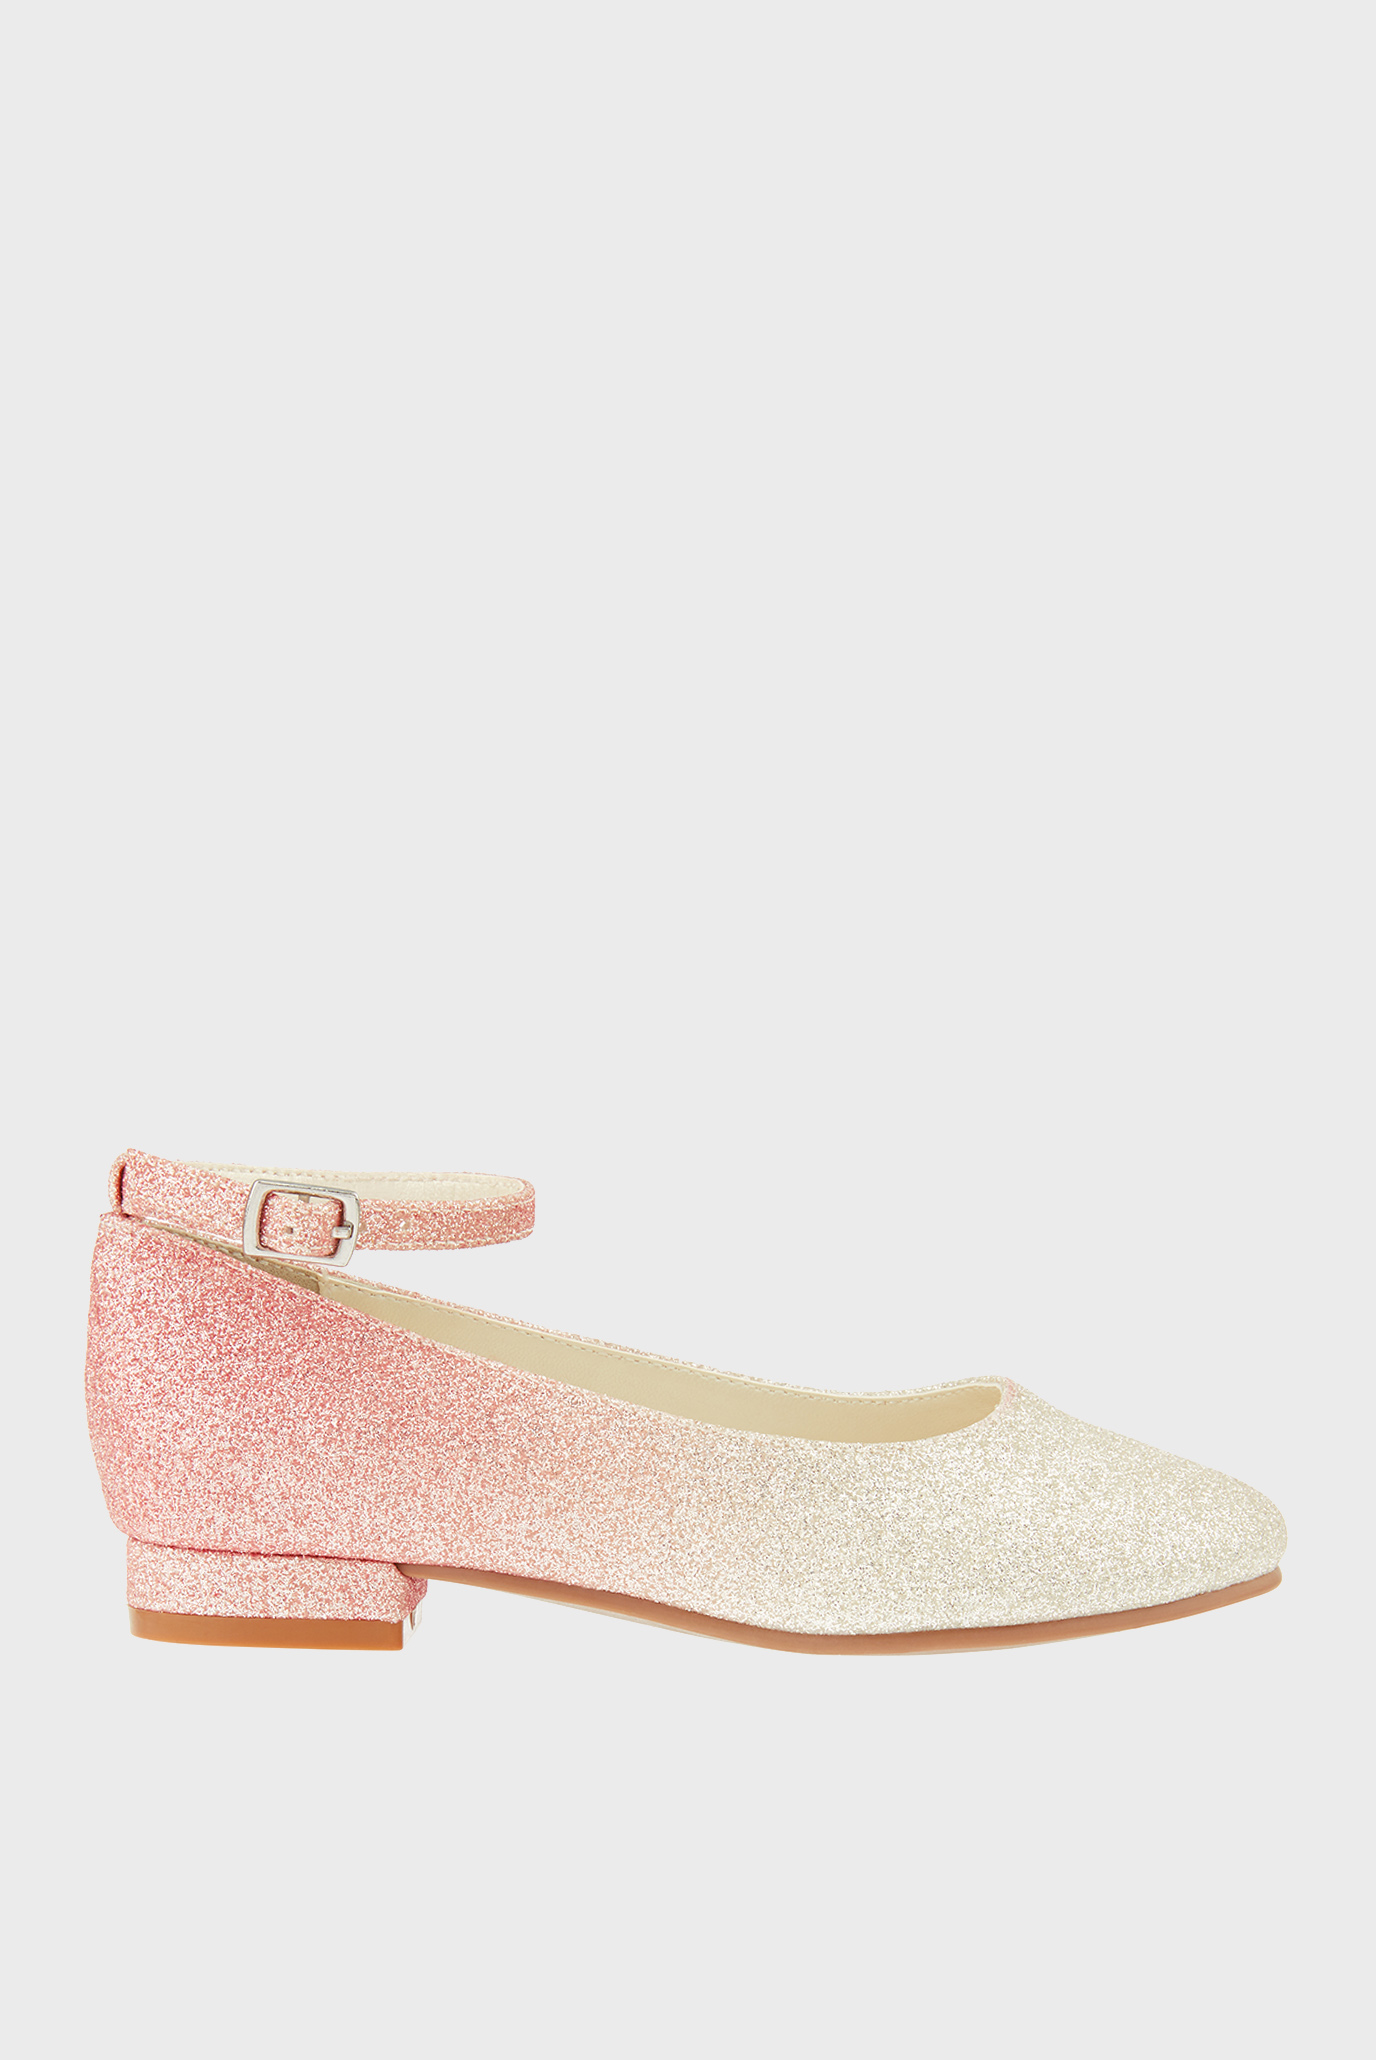 Детские розовые туфли PINK OMBRE GLITTER 1